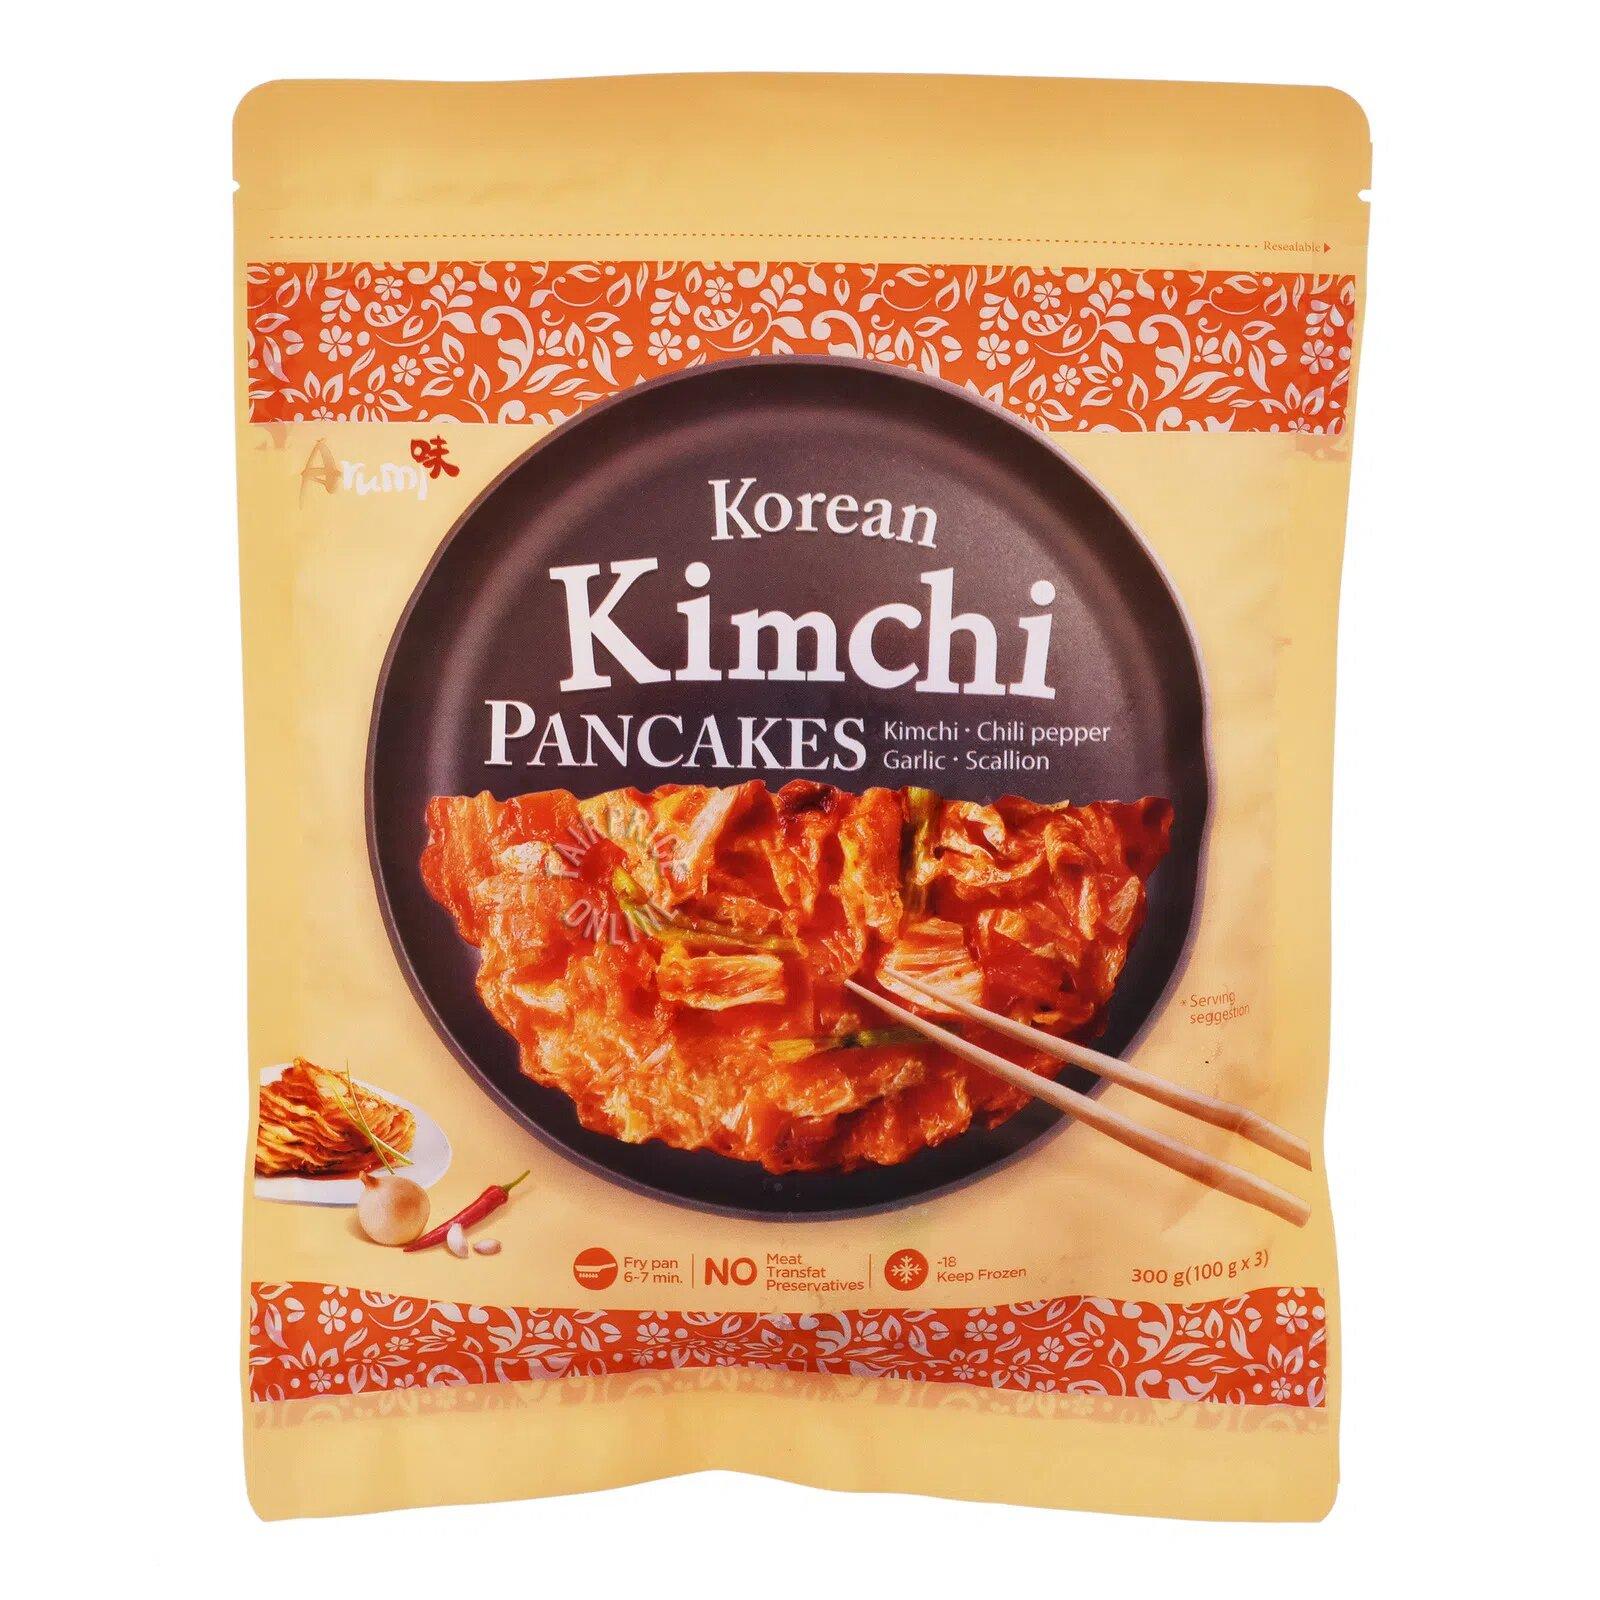 Arumi Frozen Korean Pancakes - Kimchi